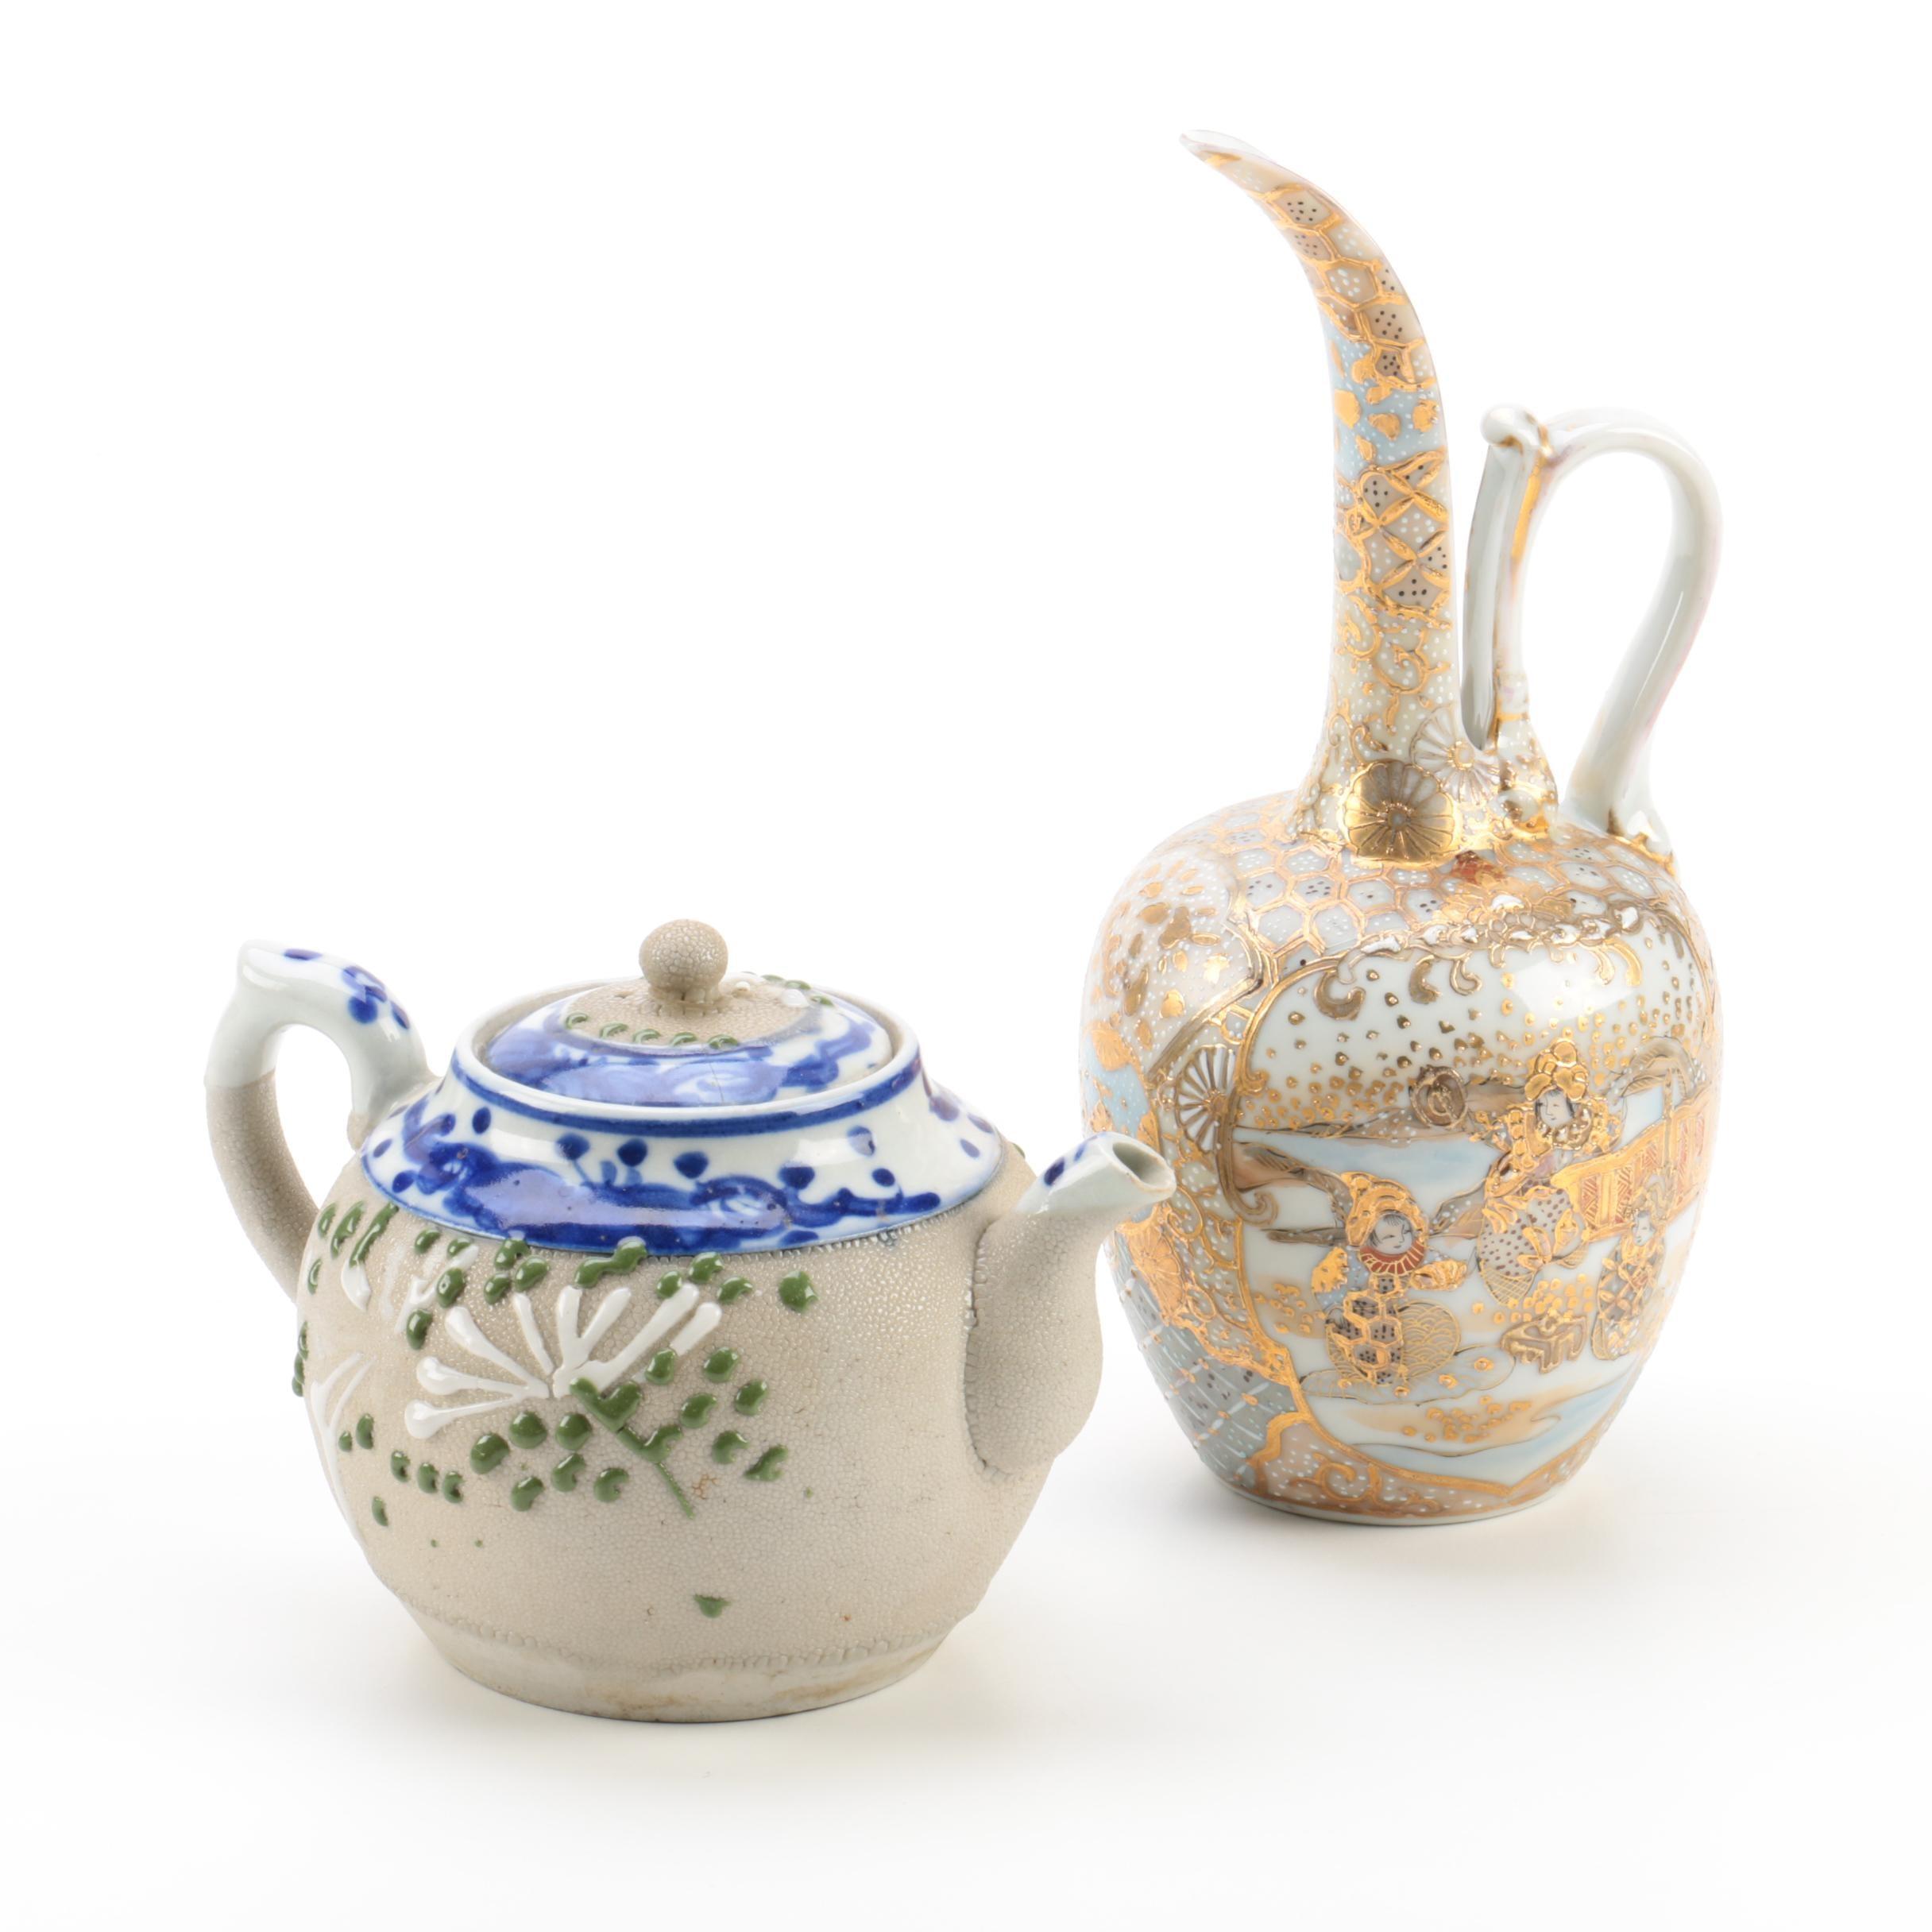 Japanese Style Satsuma Porcelain Carafe and Stoneware Teapot